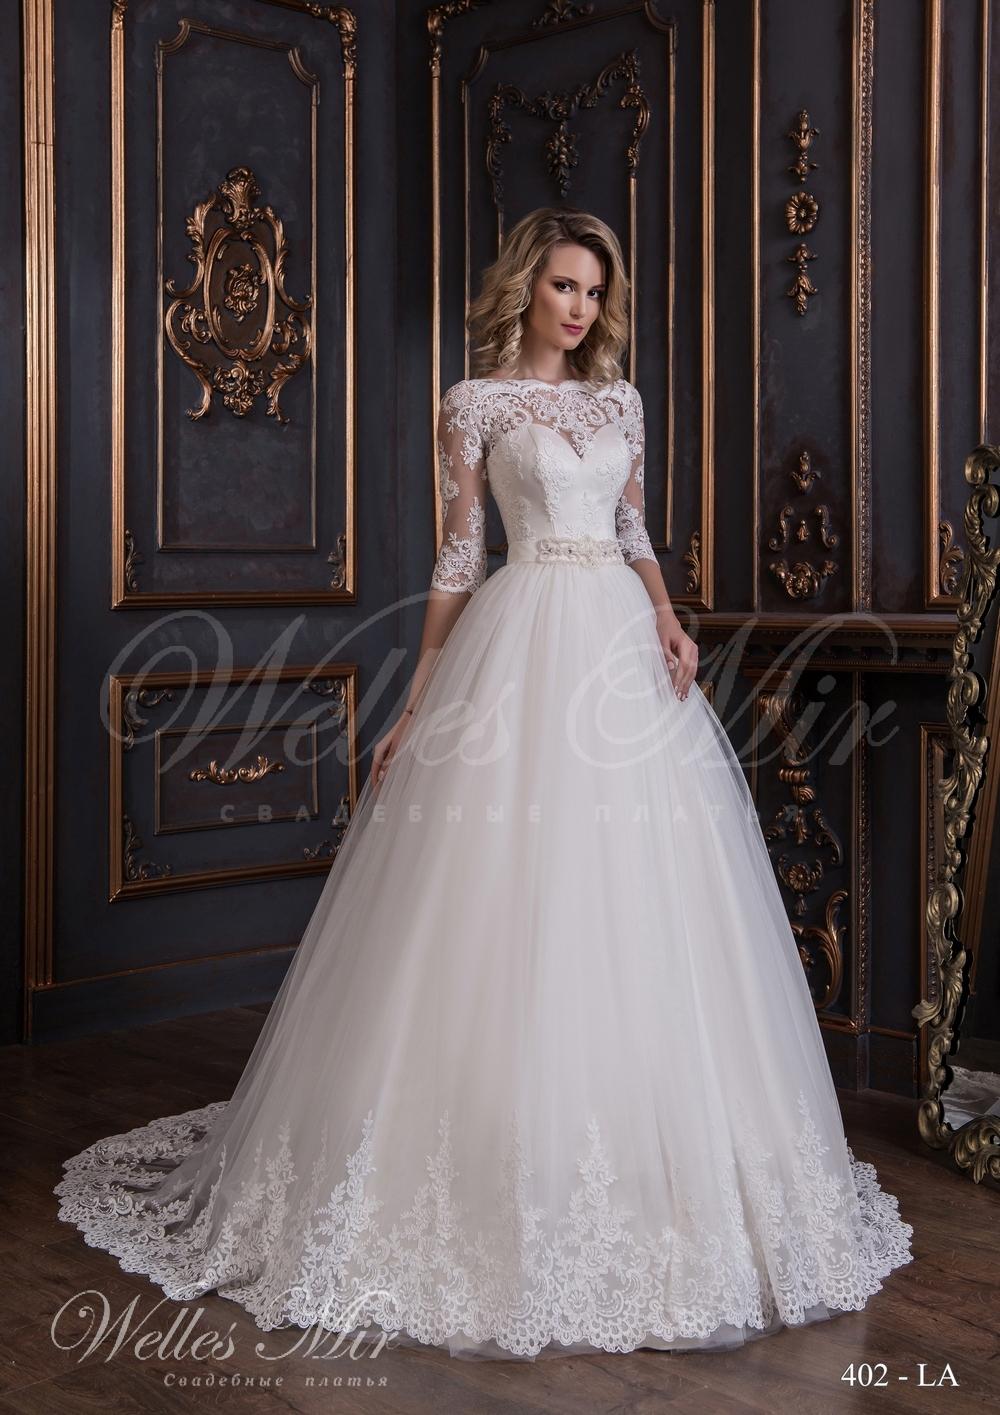 Весільні сукні Luxury collection 2017-2018 - 402-LA